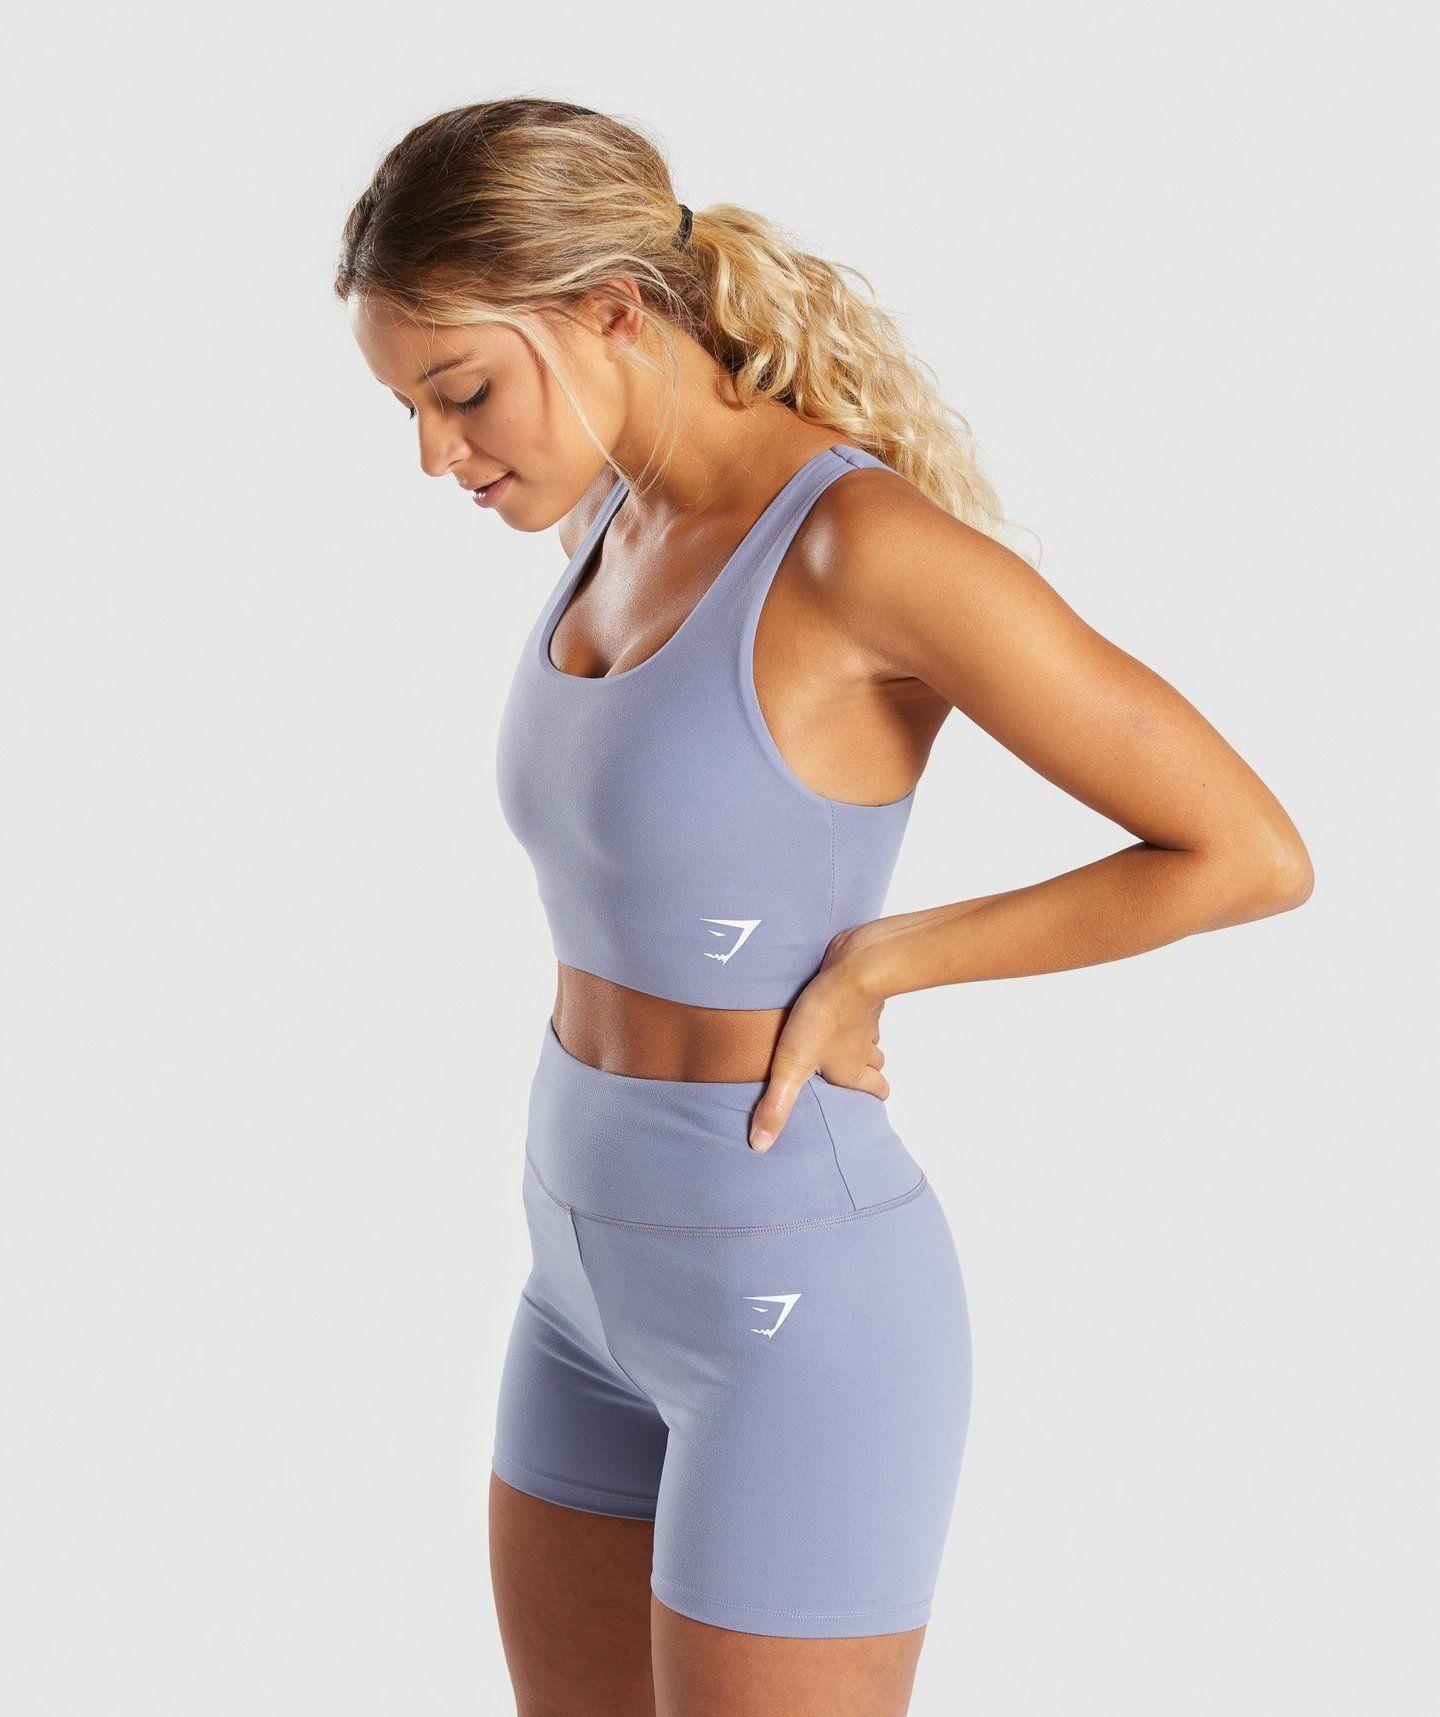 Gymshark Dreamy Sports Bra Steel Blue Sports bra